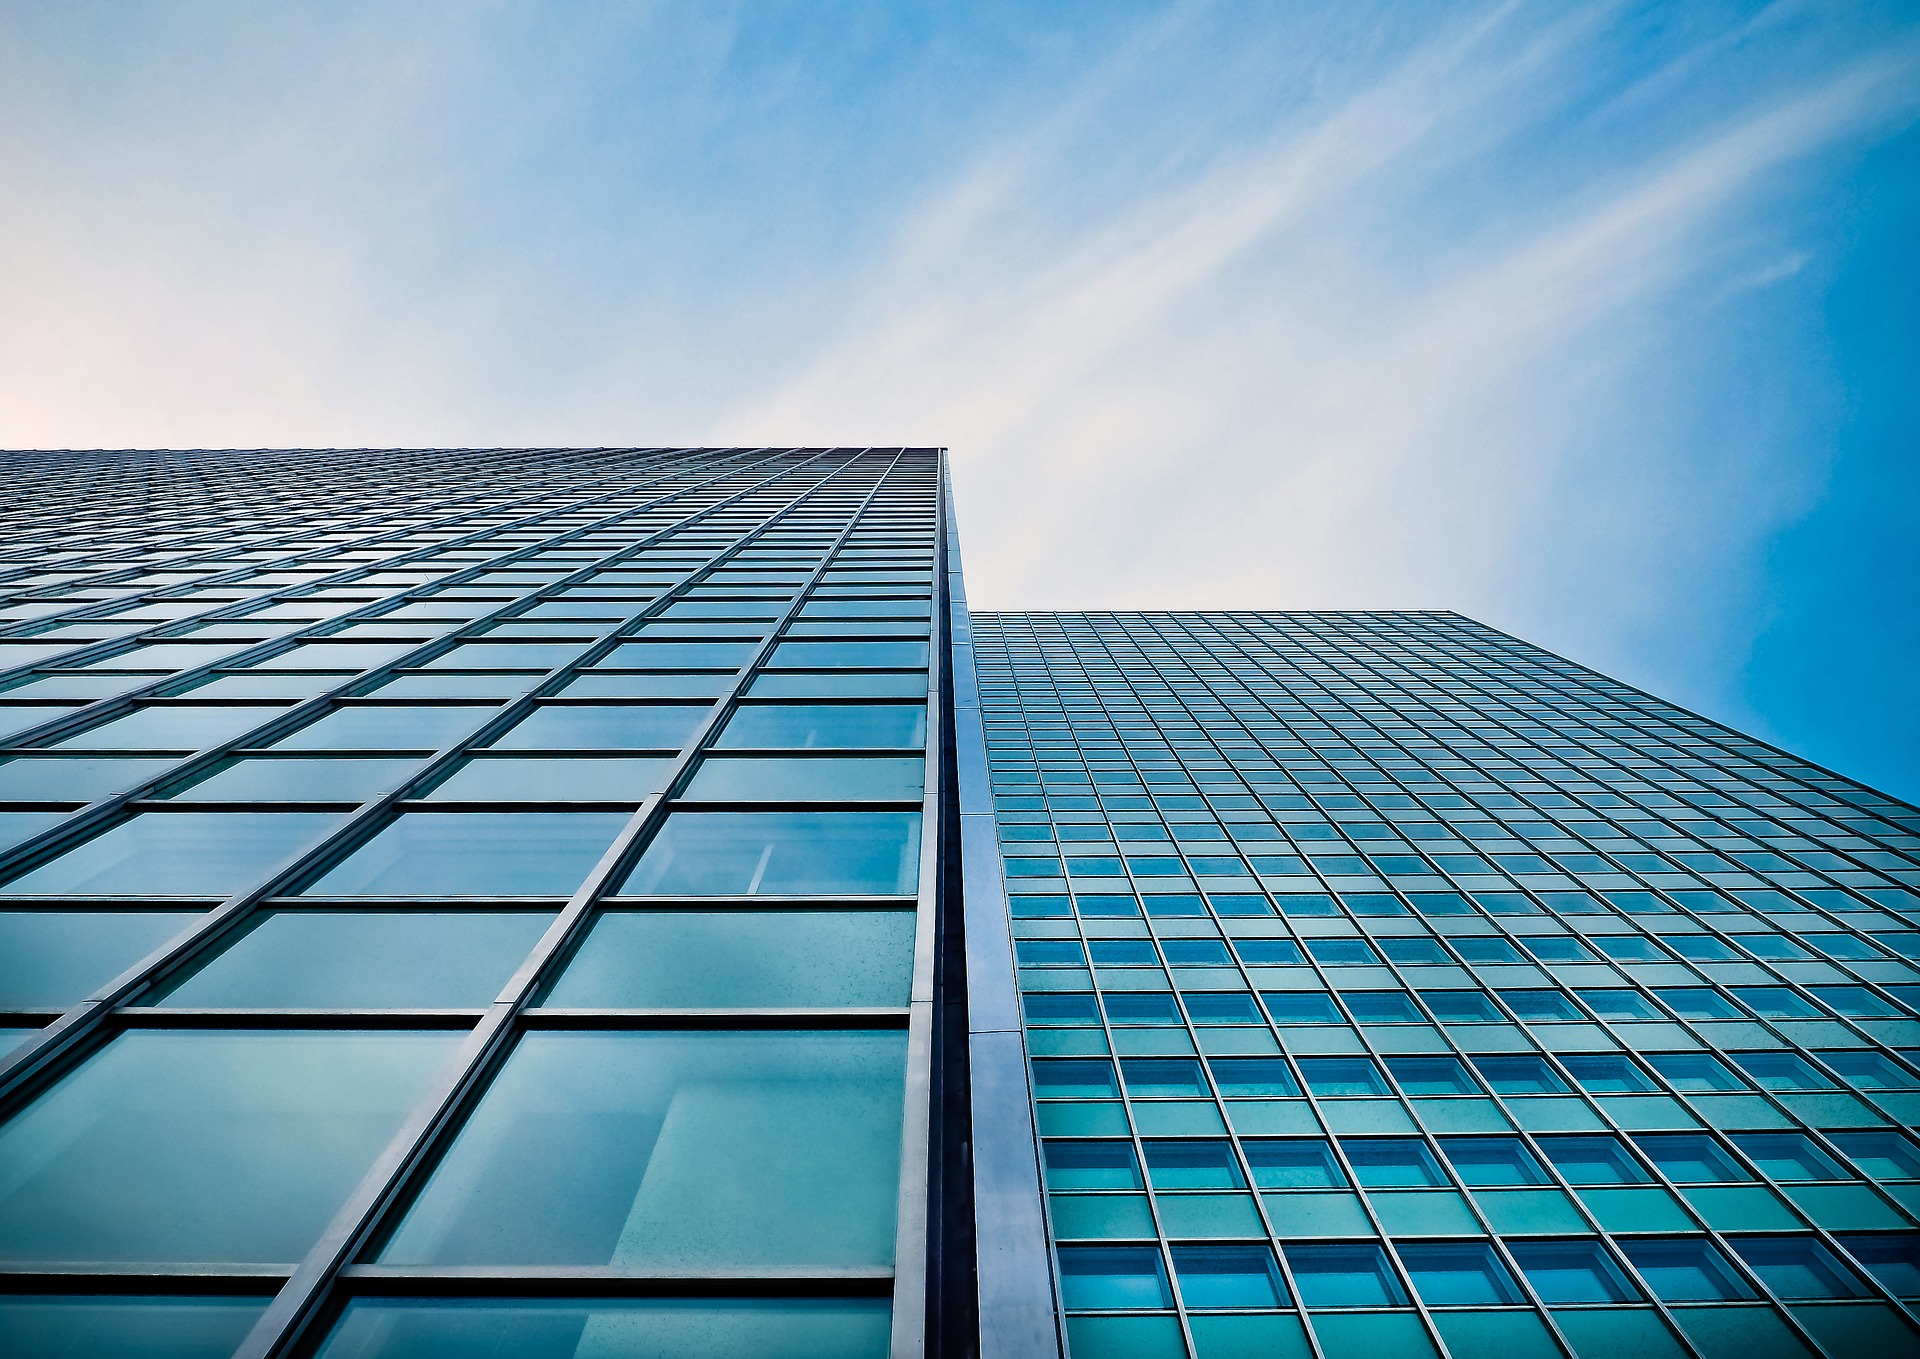 Verplicht energielabel C voor kantoorpanden vanaf 2023